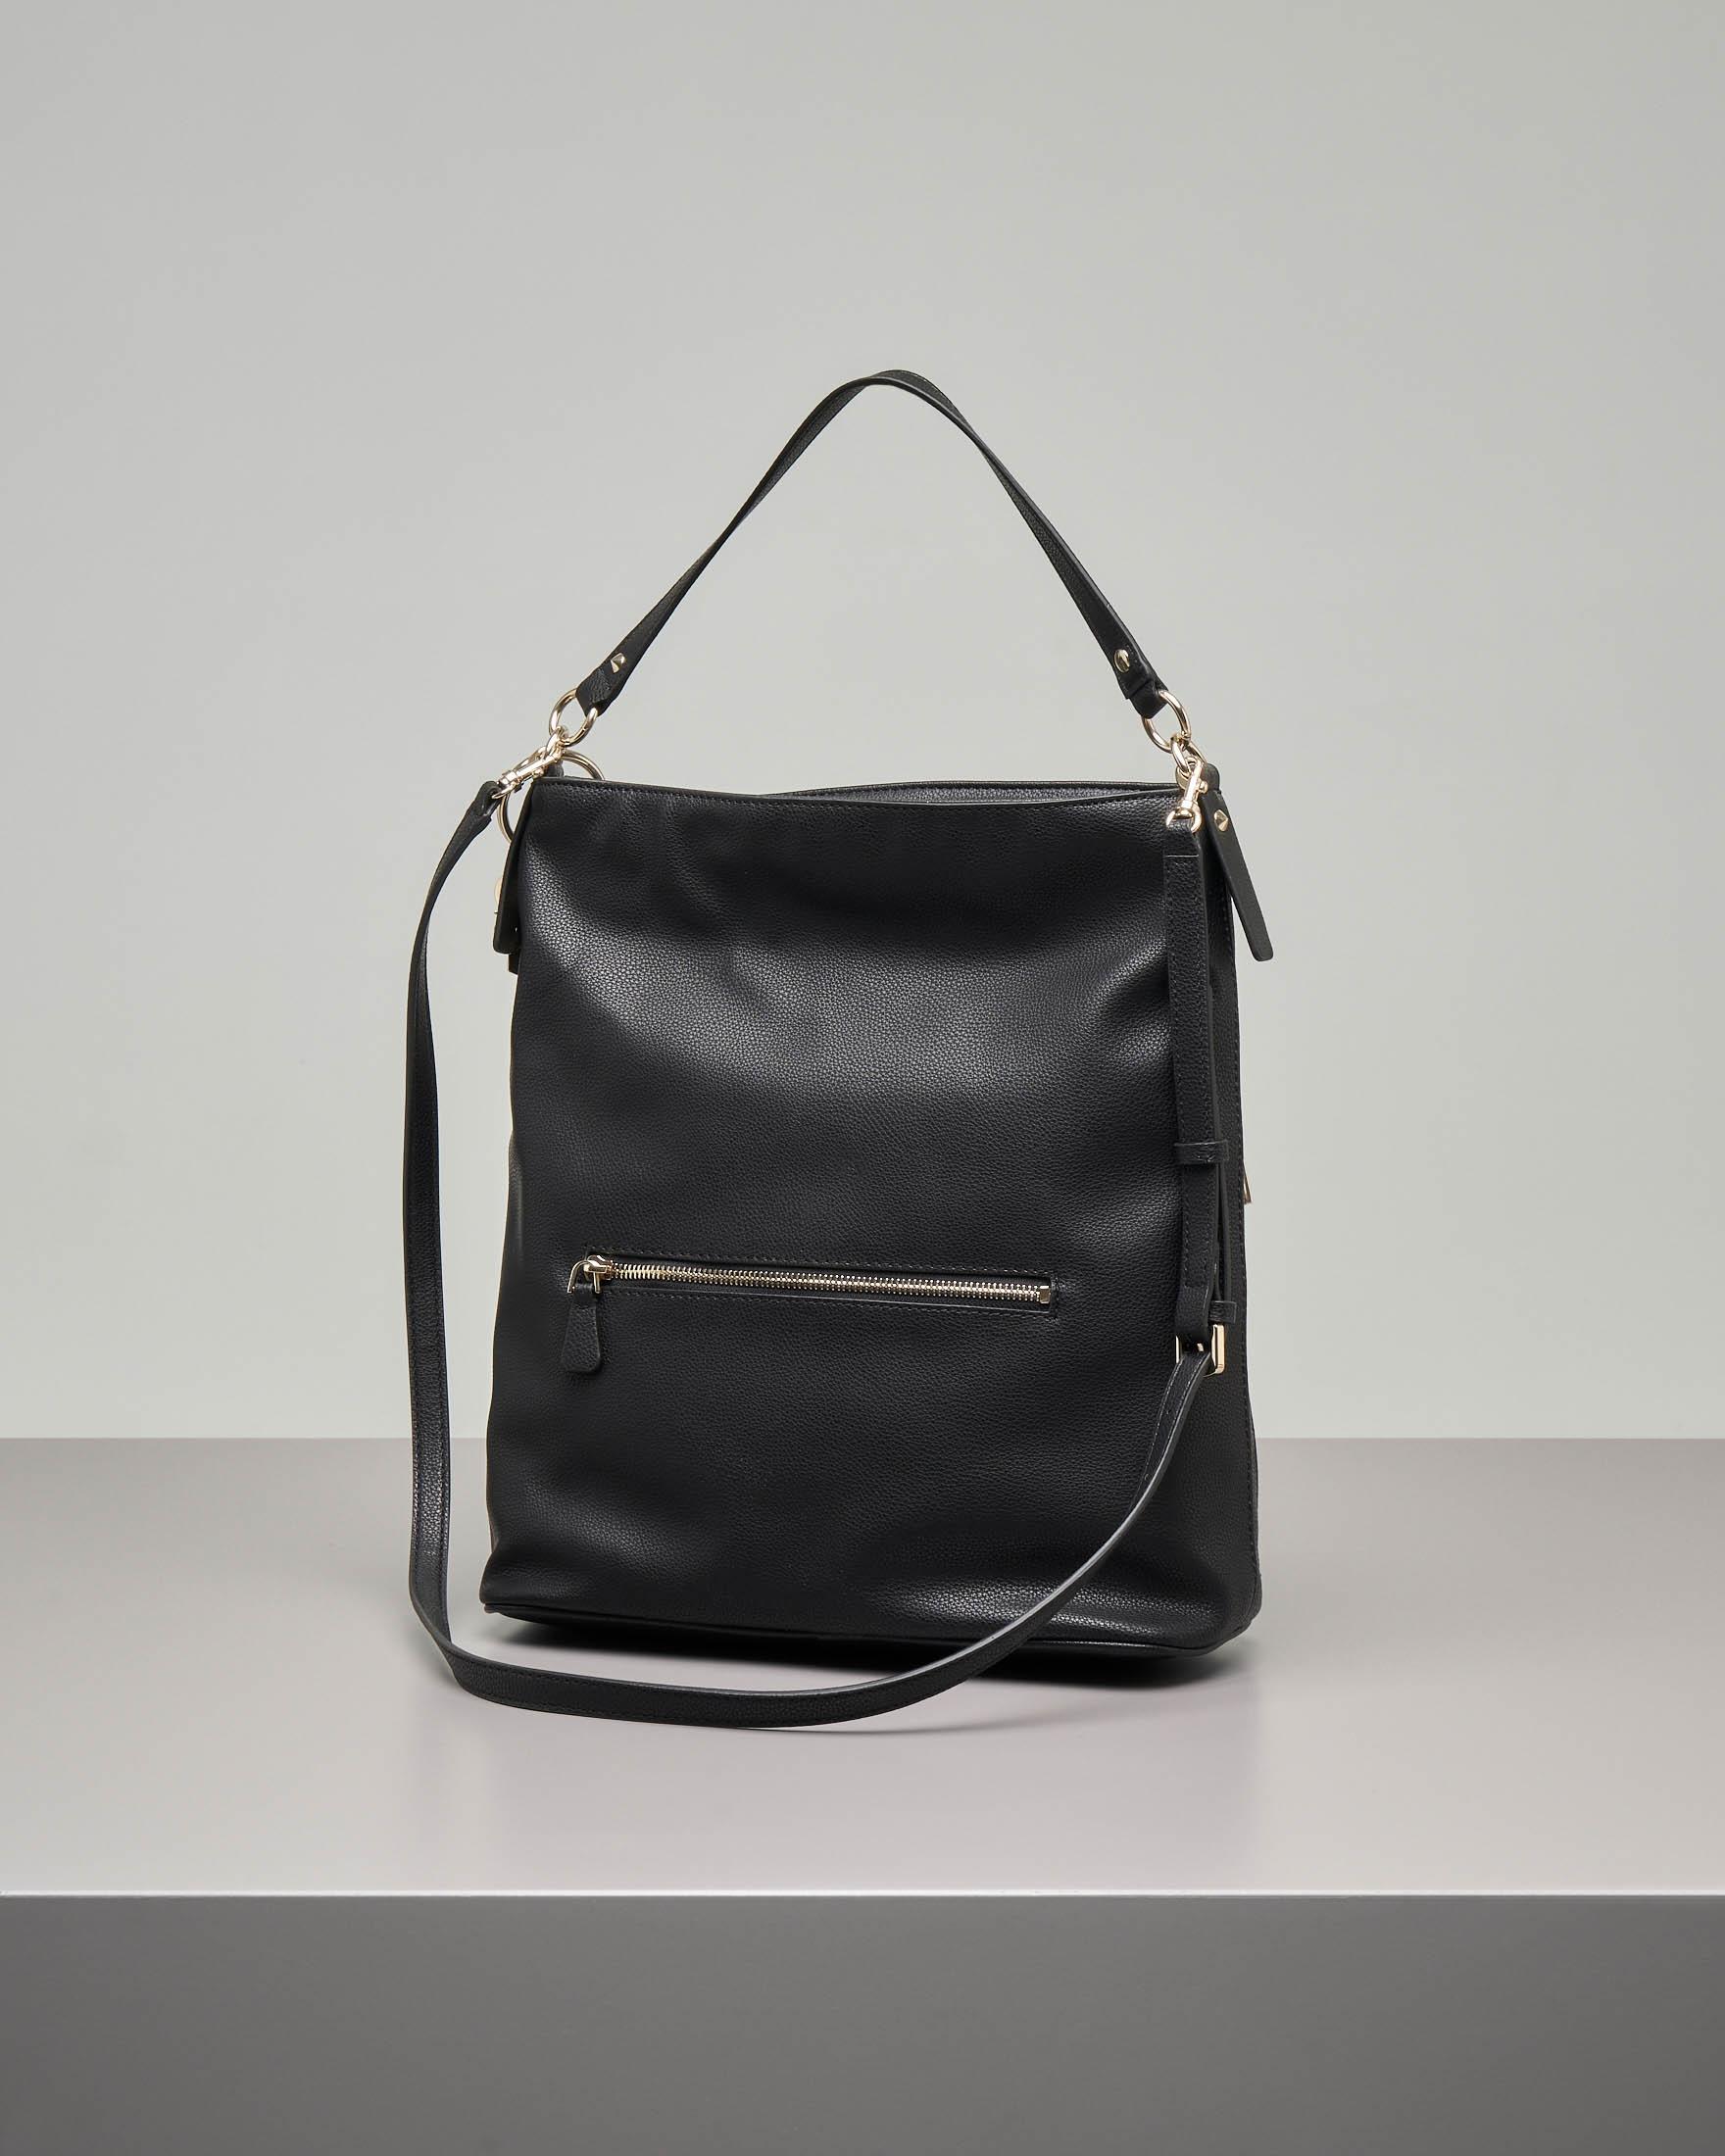 Nuovi Prodotti 376aa 77f2c Shopping bag a sacca nera in ecopelle con tracolla staccabile   Pellizzari  E-commerce